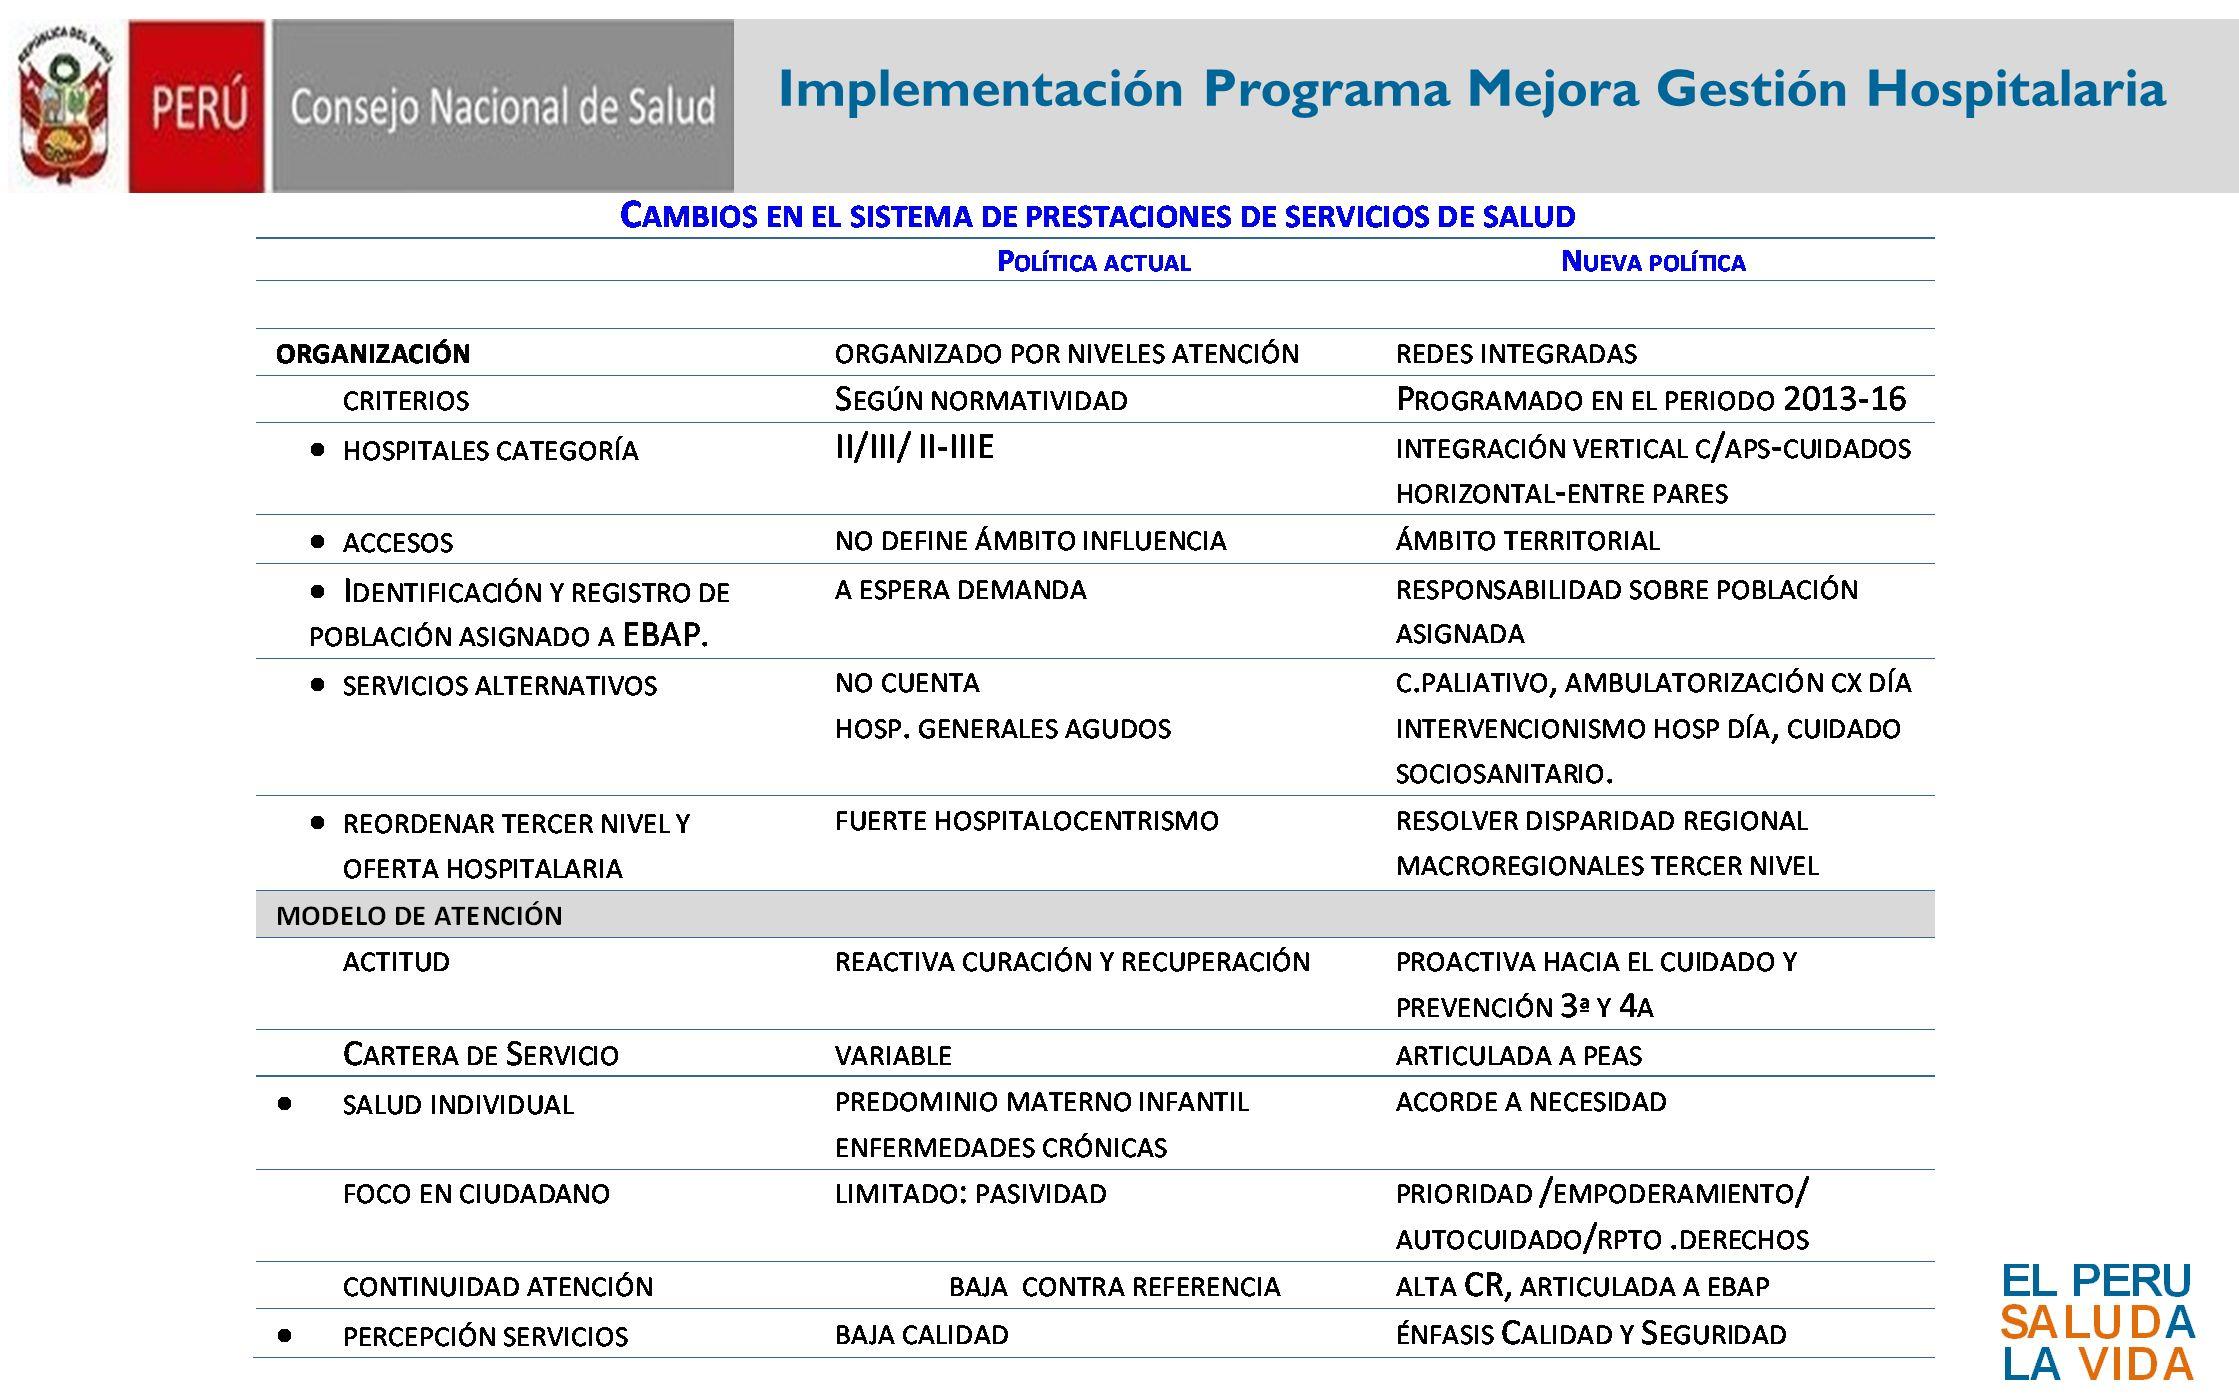 Implementación Programa Mejora Gestión Hospitalaria